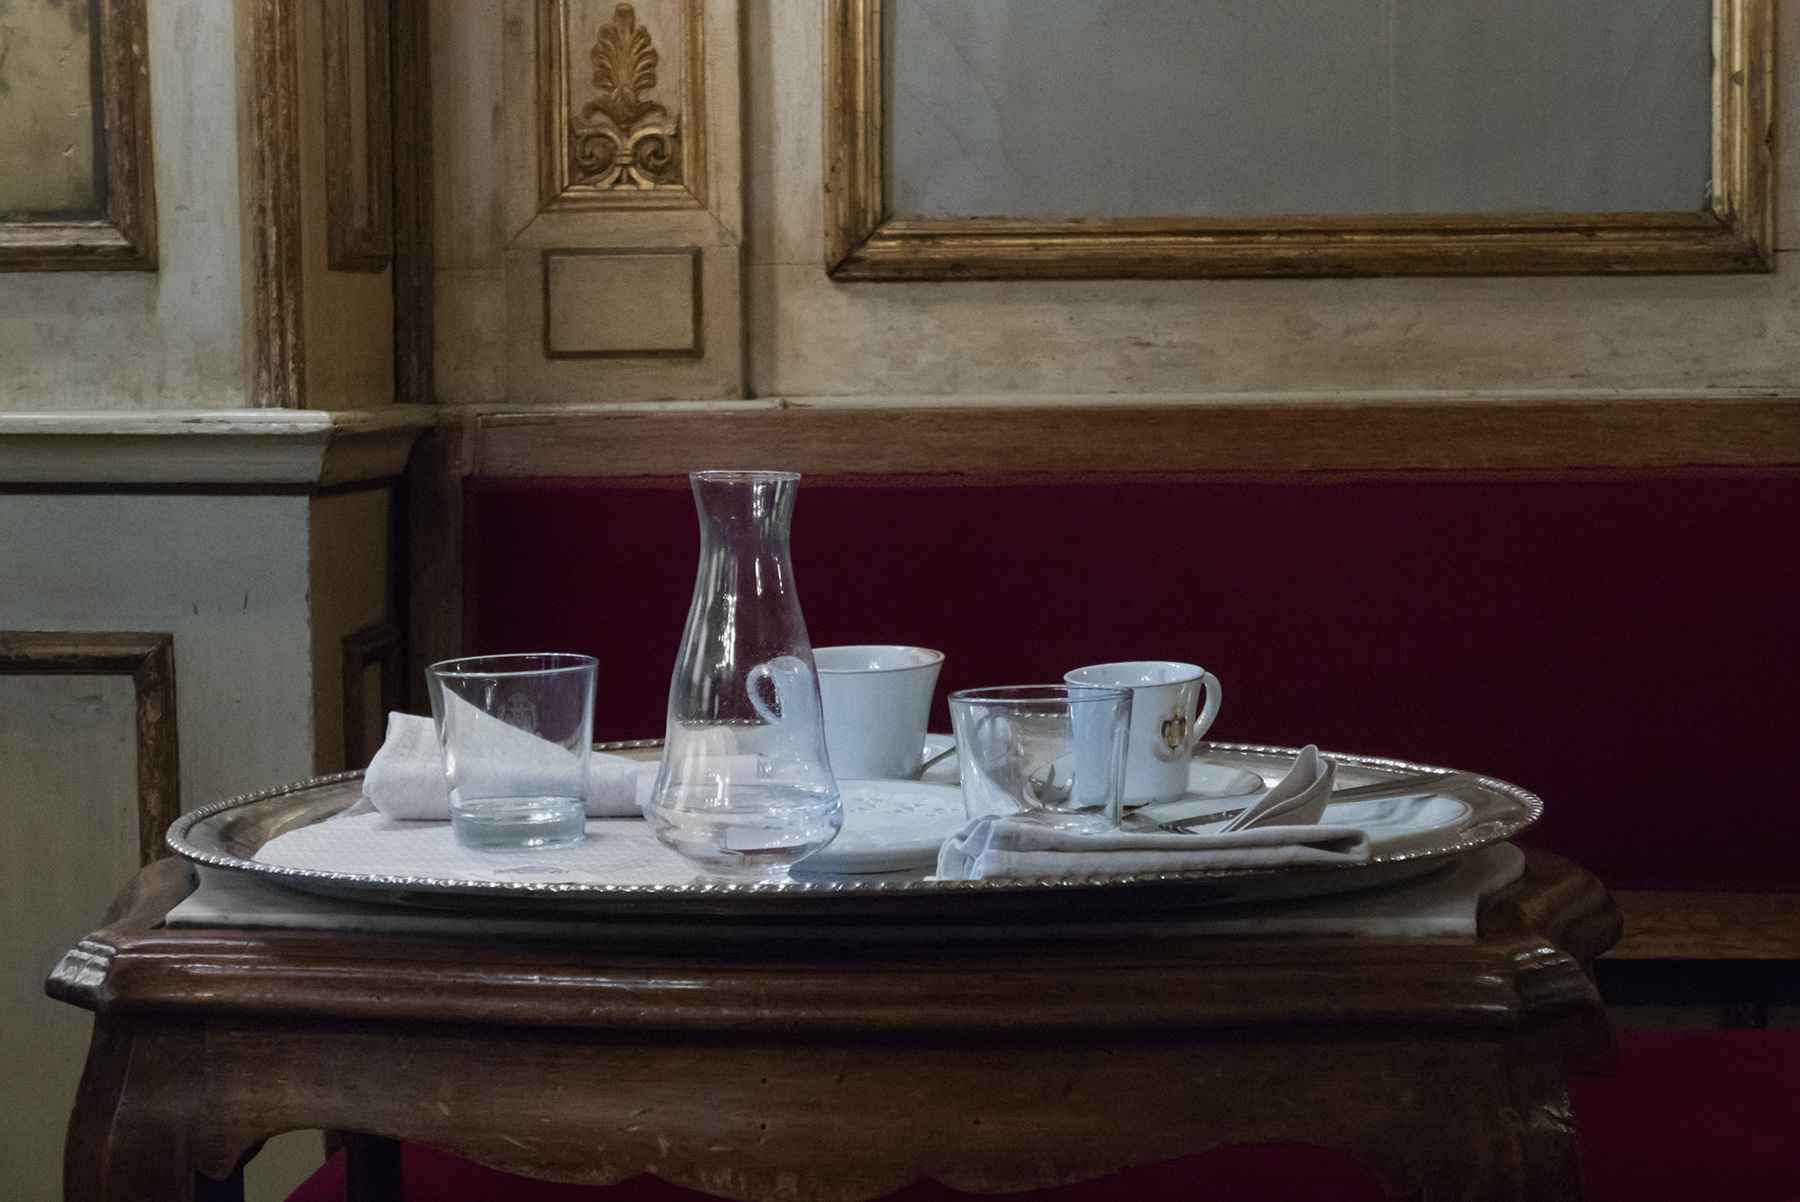 """Angela Grauerholz, Venice Café, 2017. Archival pigment print, 40 × 60""""."""